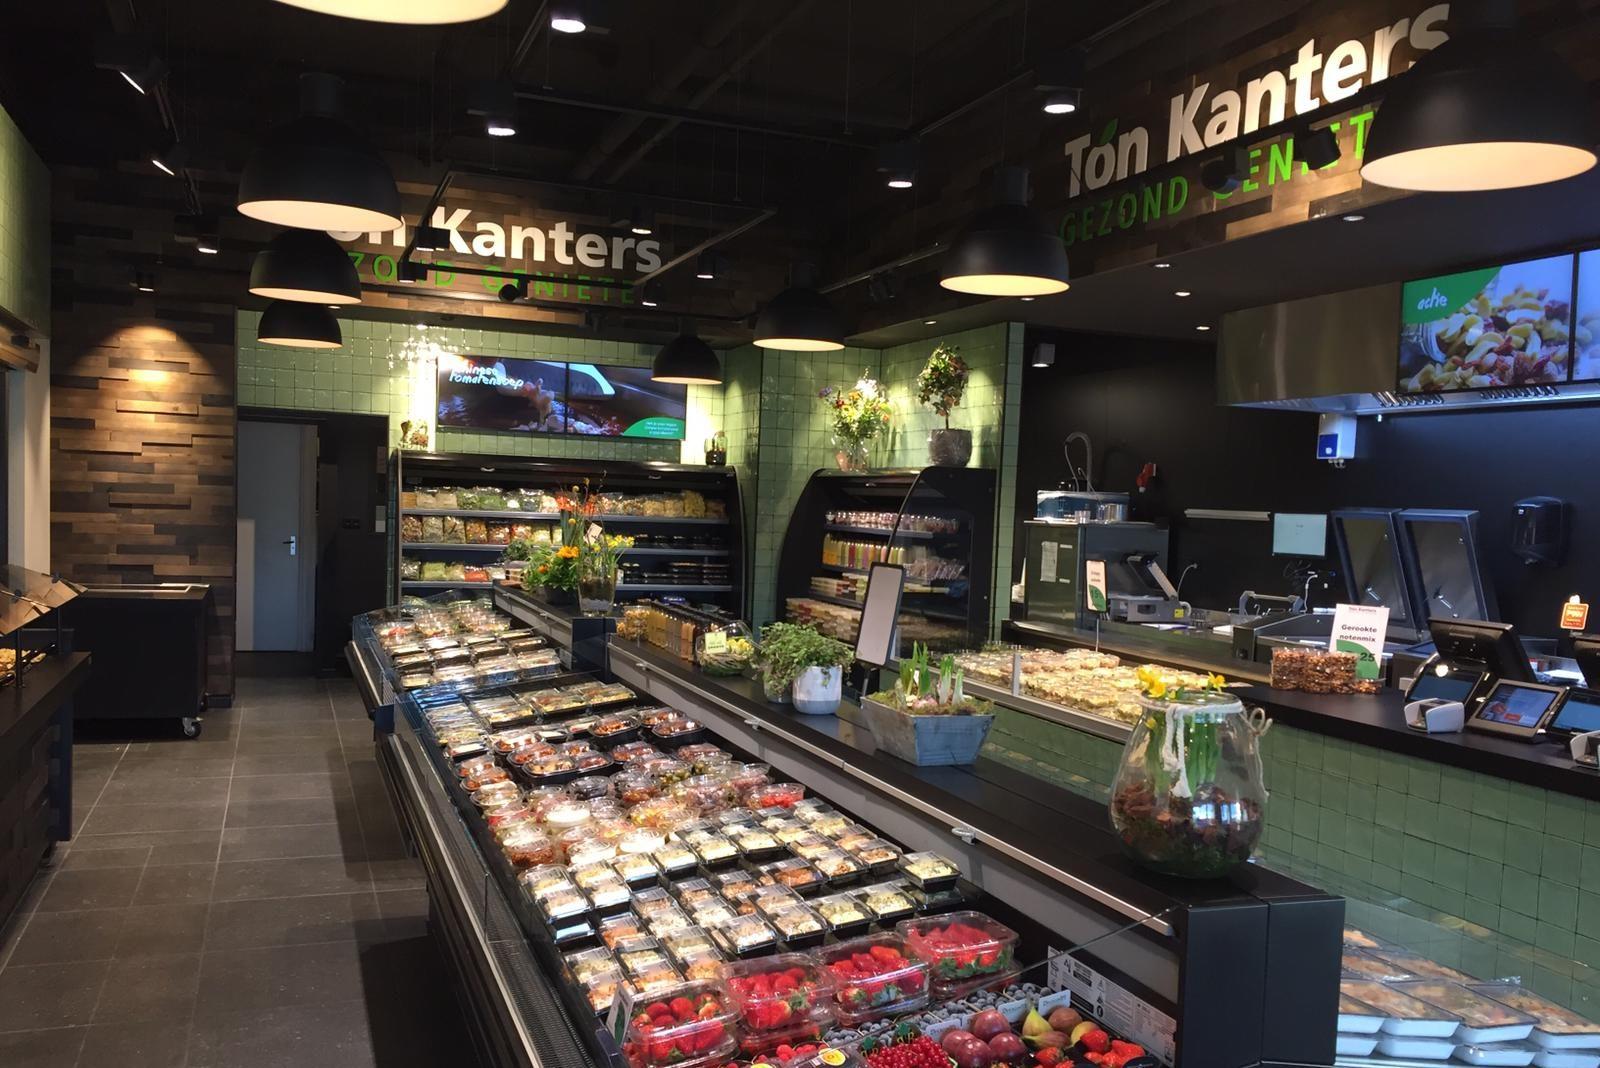 Ton Kanters Winkel Bestelshop